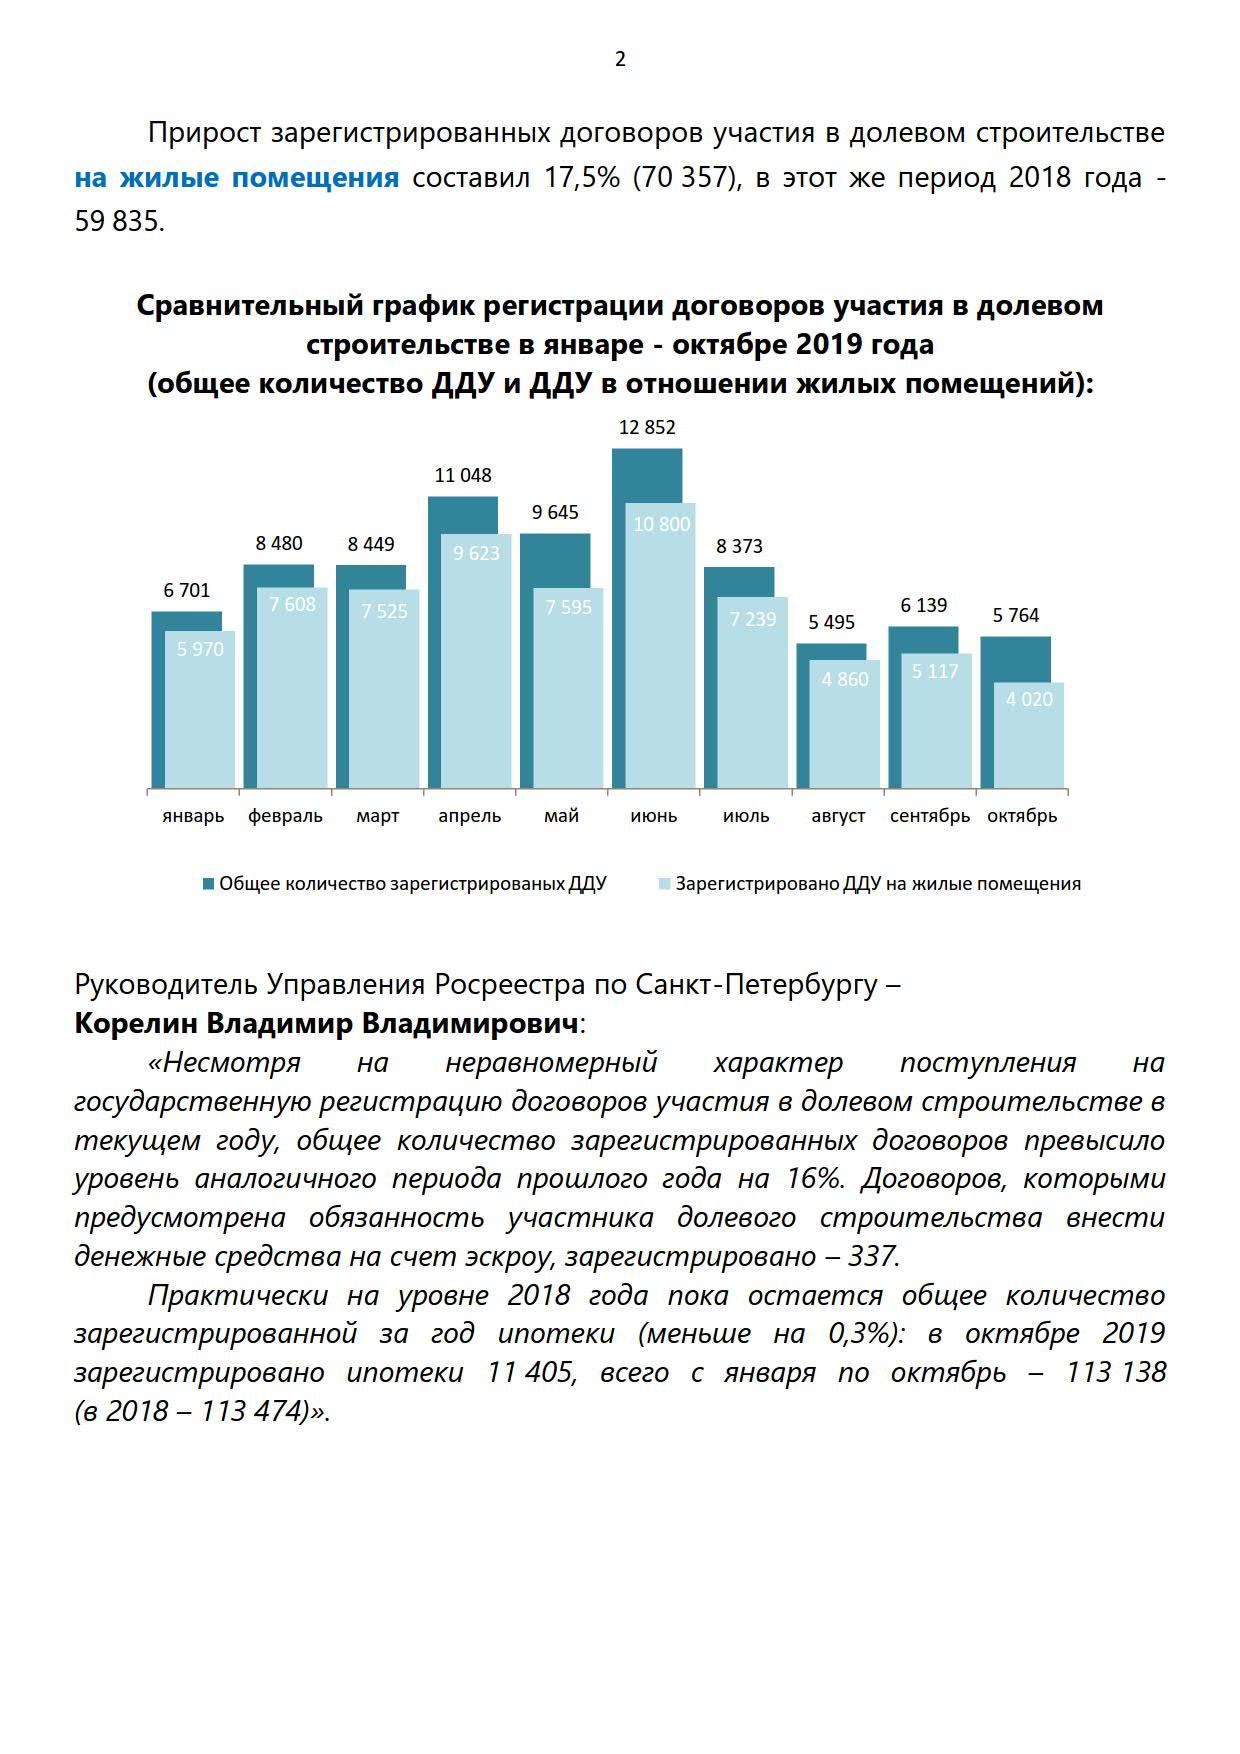 На 16% больше в Санкт-Петербурге зарегистрировано договоров долевого участия, на 0,3 % меньше ипотеки_2